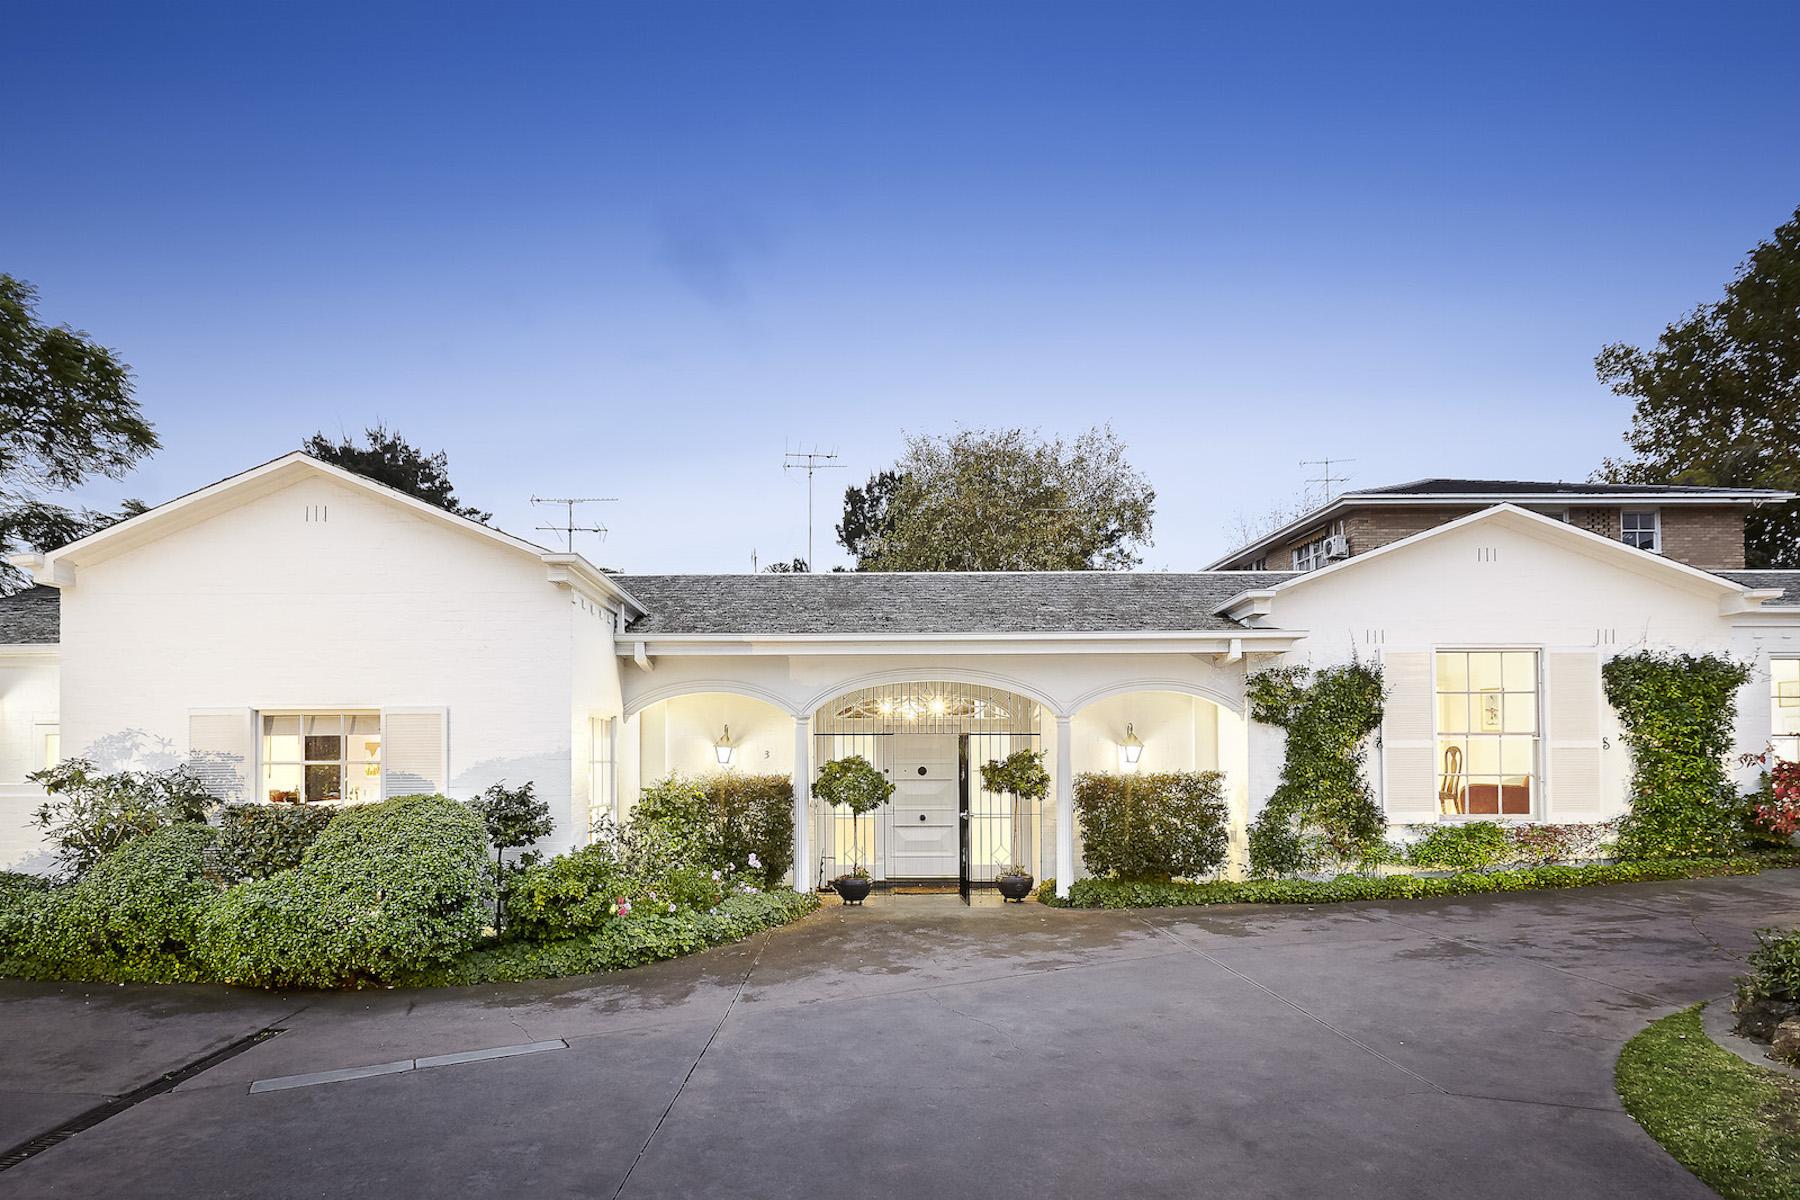 独户住宅 为 销售 在 Residence 3/589a Resdence 3/589a Toorak Road 墨尔本, 维多利亚, 3142 澳大利亚